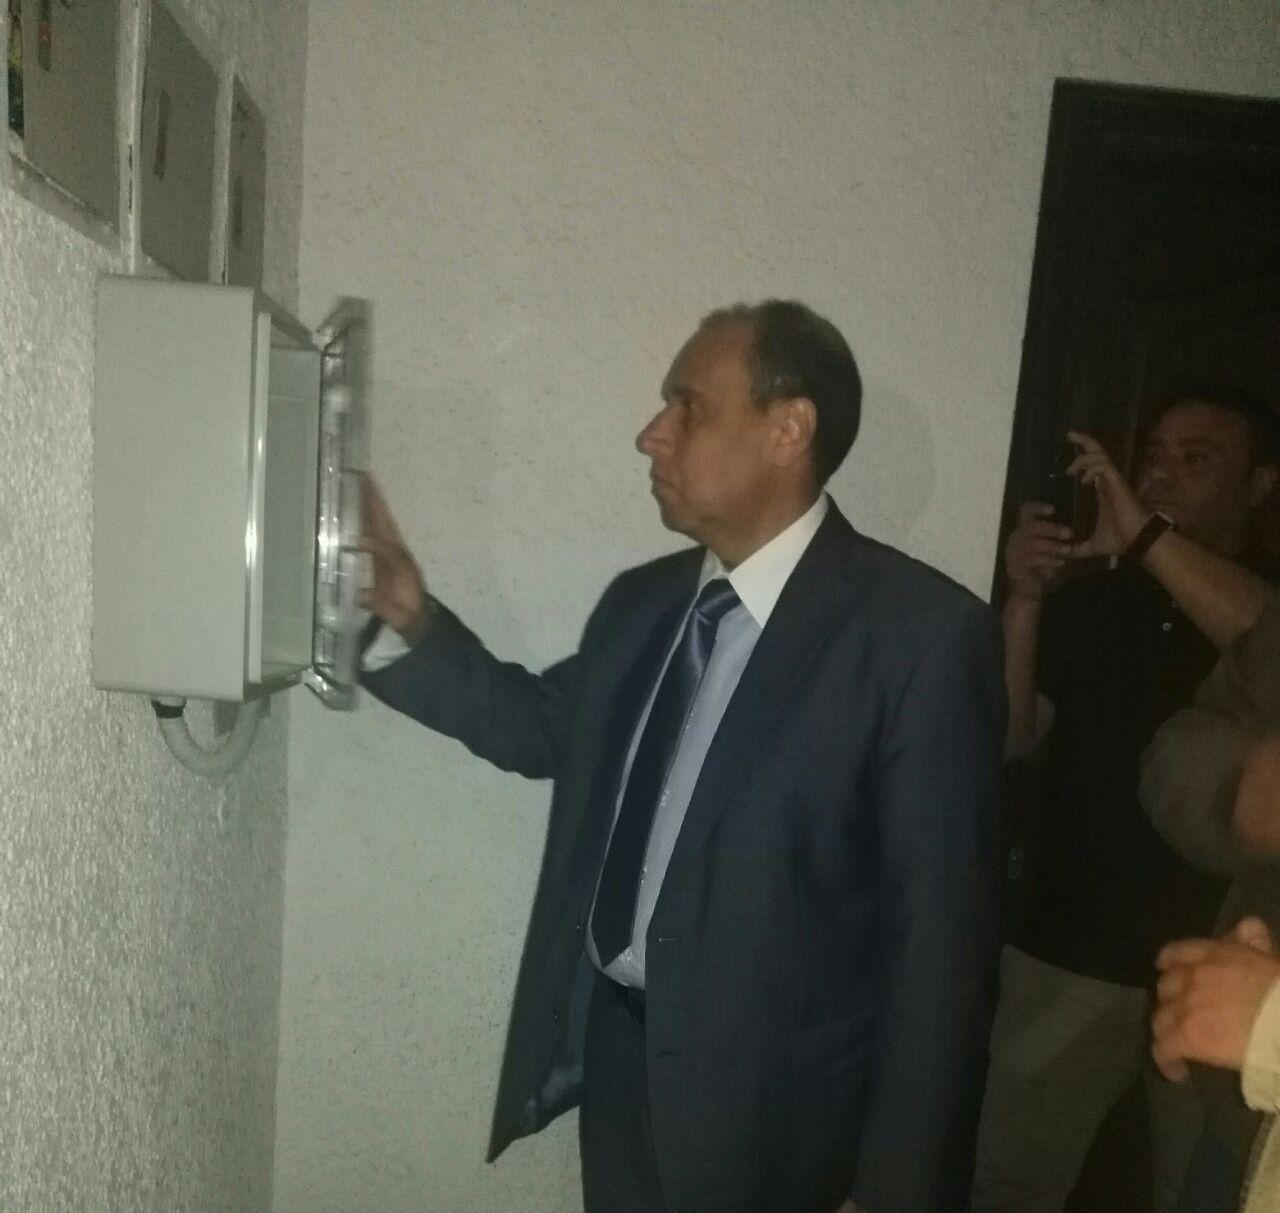 رئيس كهرباء شمال القاهرة يتفقد تركيب العدادات الذكية فى حى السفارات